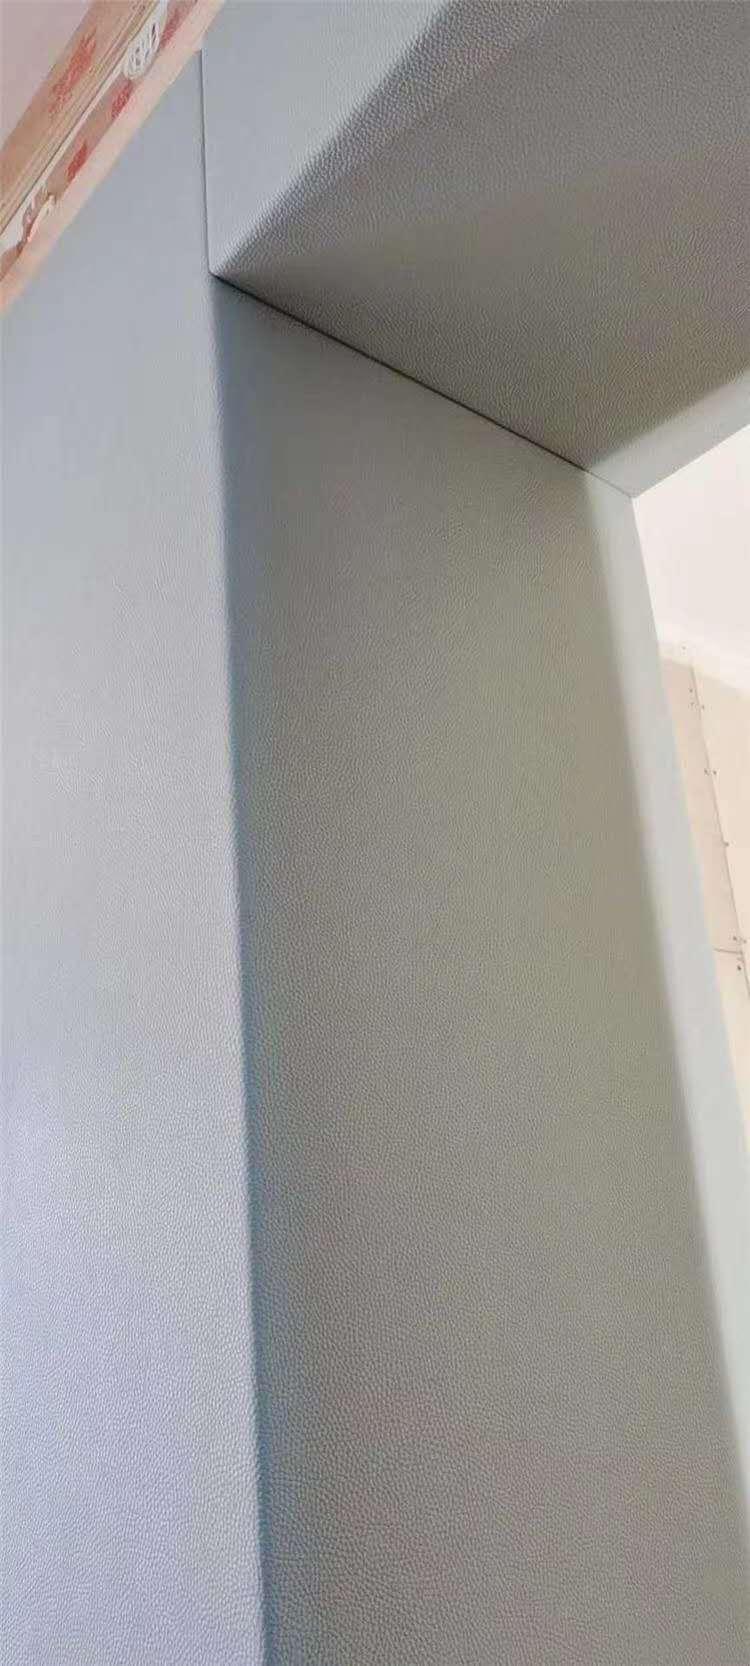 公安局防撞软包 羁押室防撞墙定制